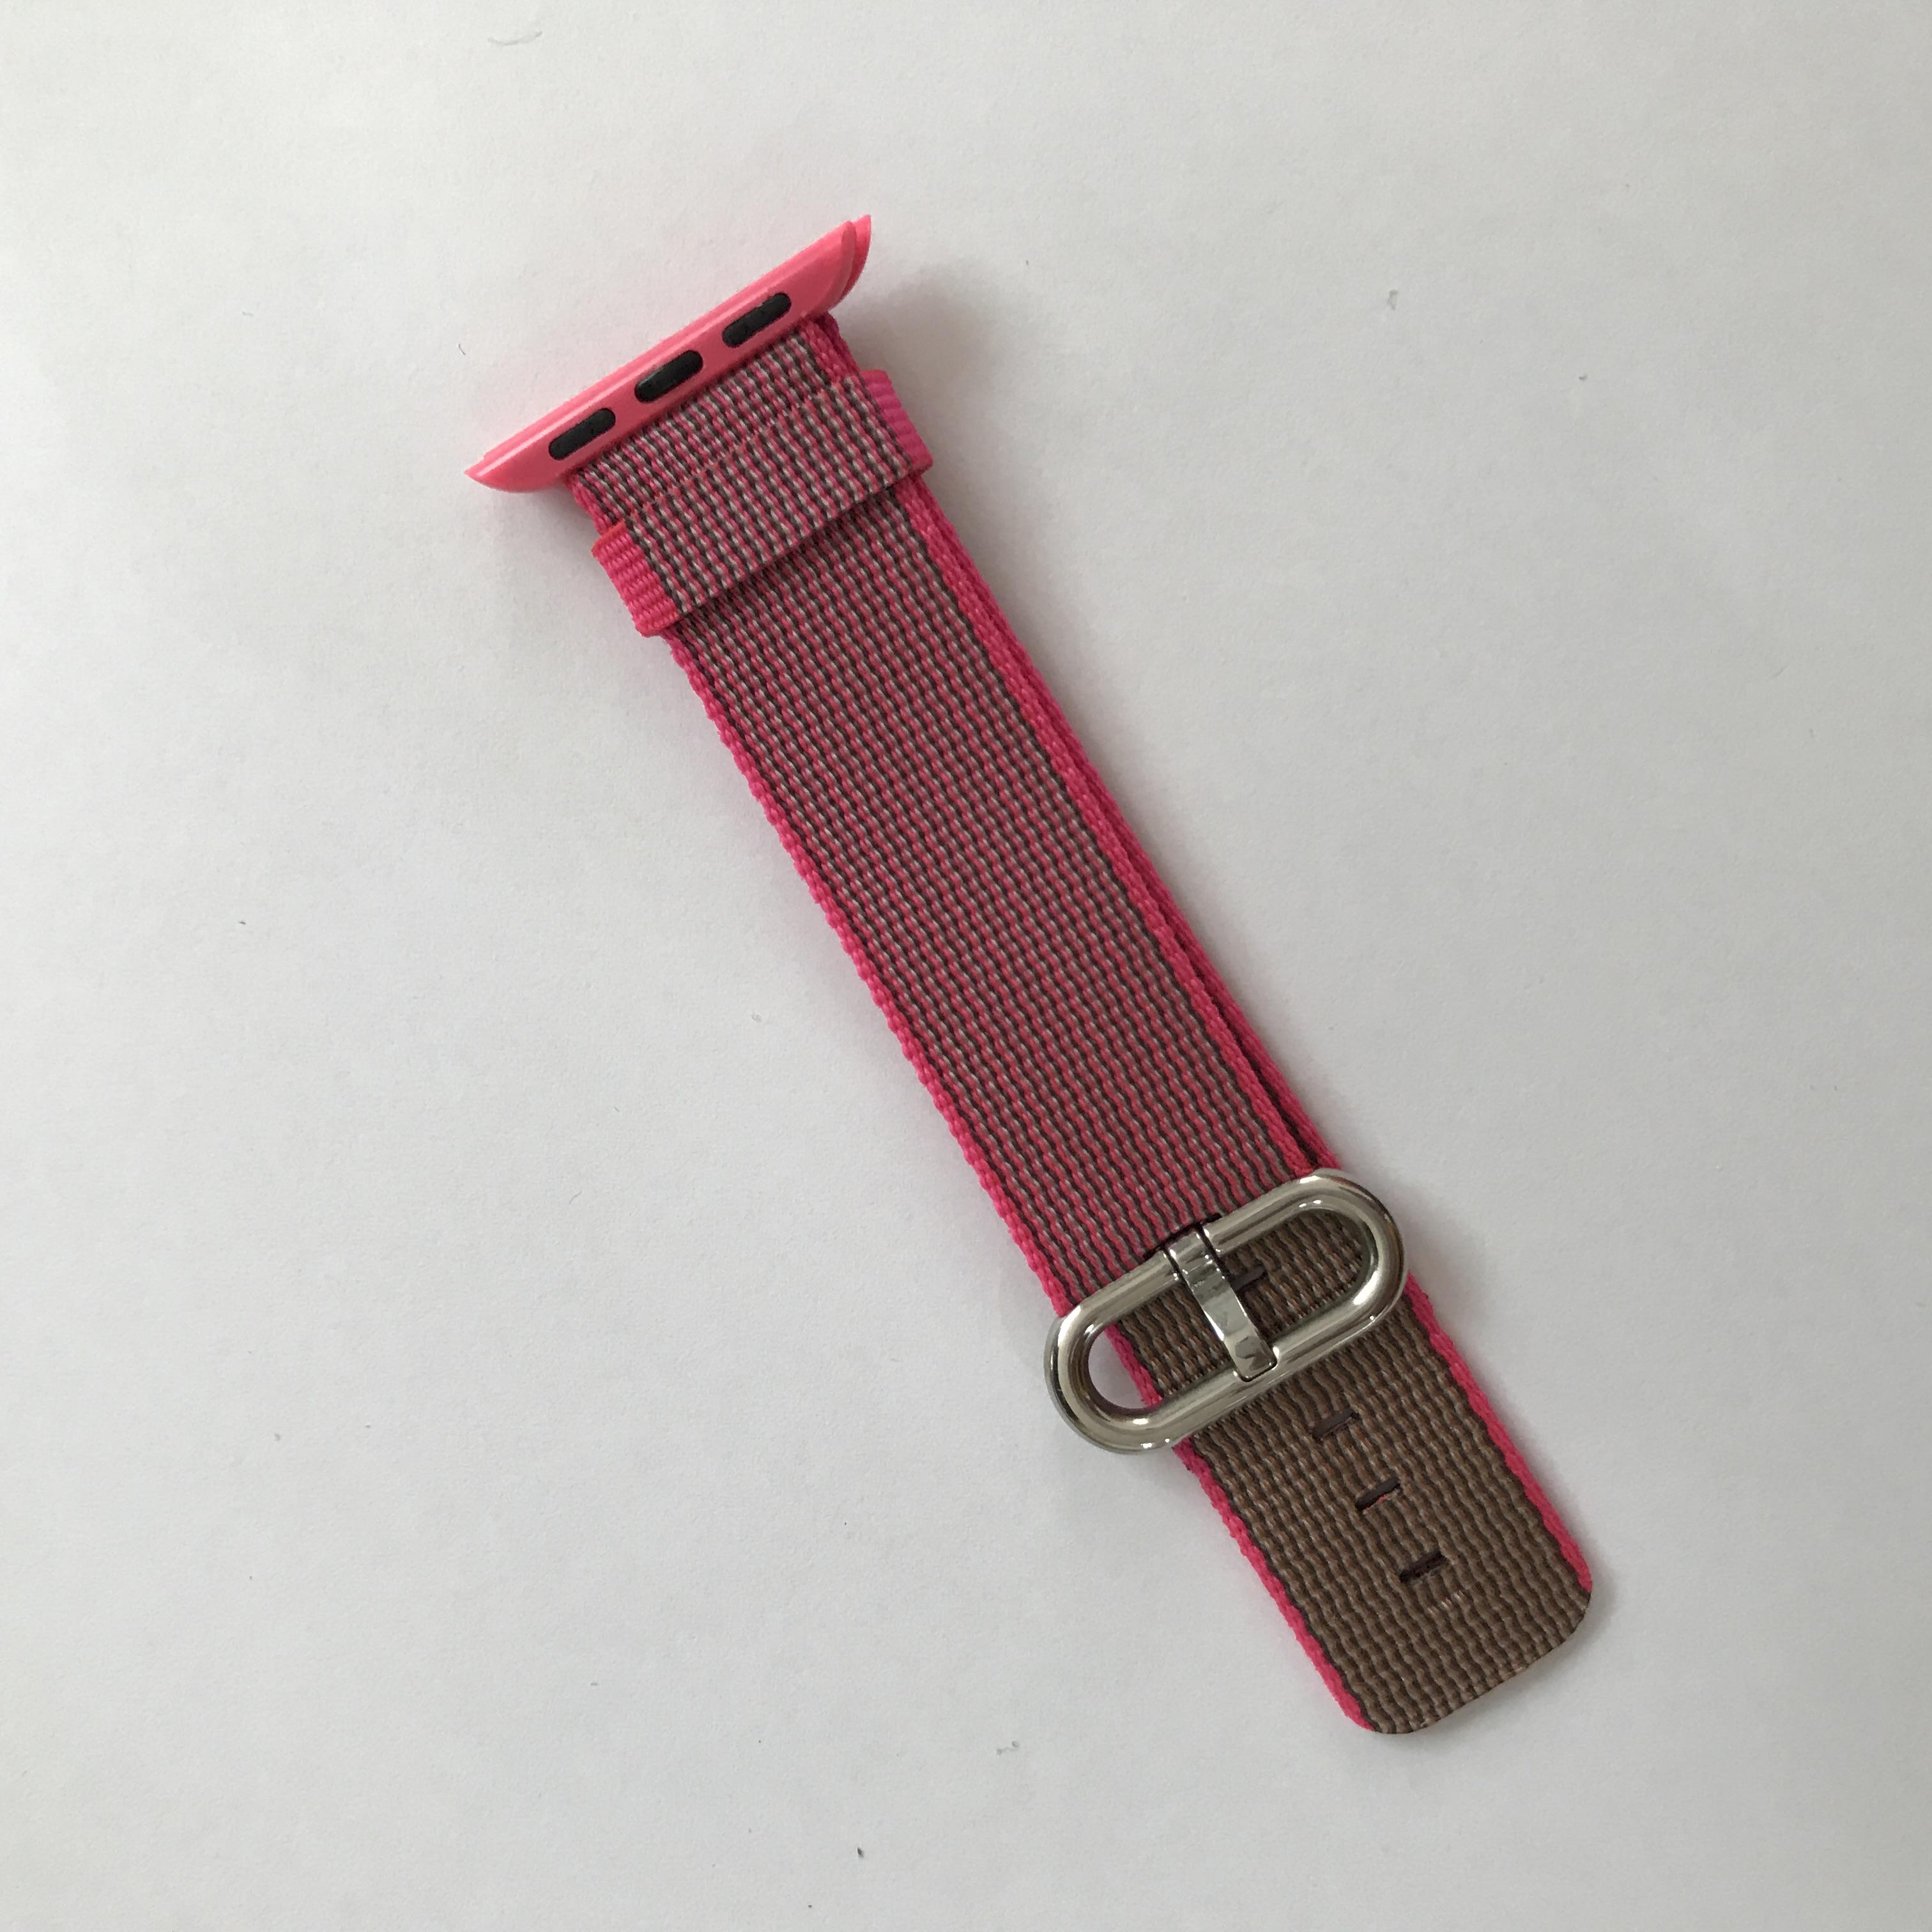 Dây đeo cho Apple Watch Woven Nylon kẻ hồng siêu bền - Series 1.2.3.4